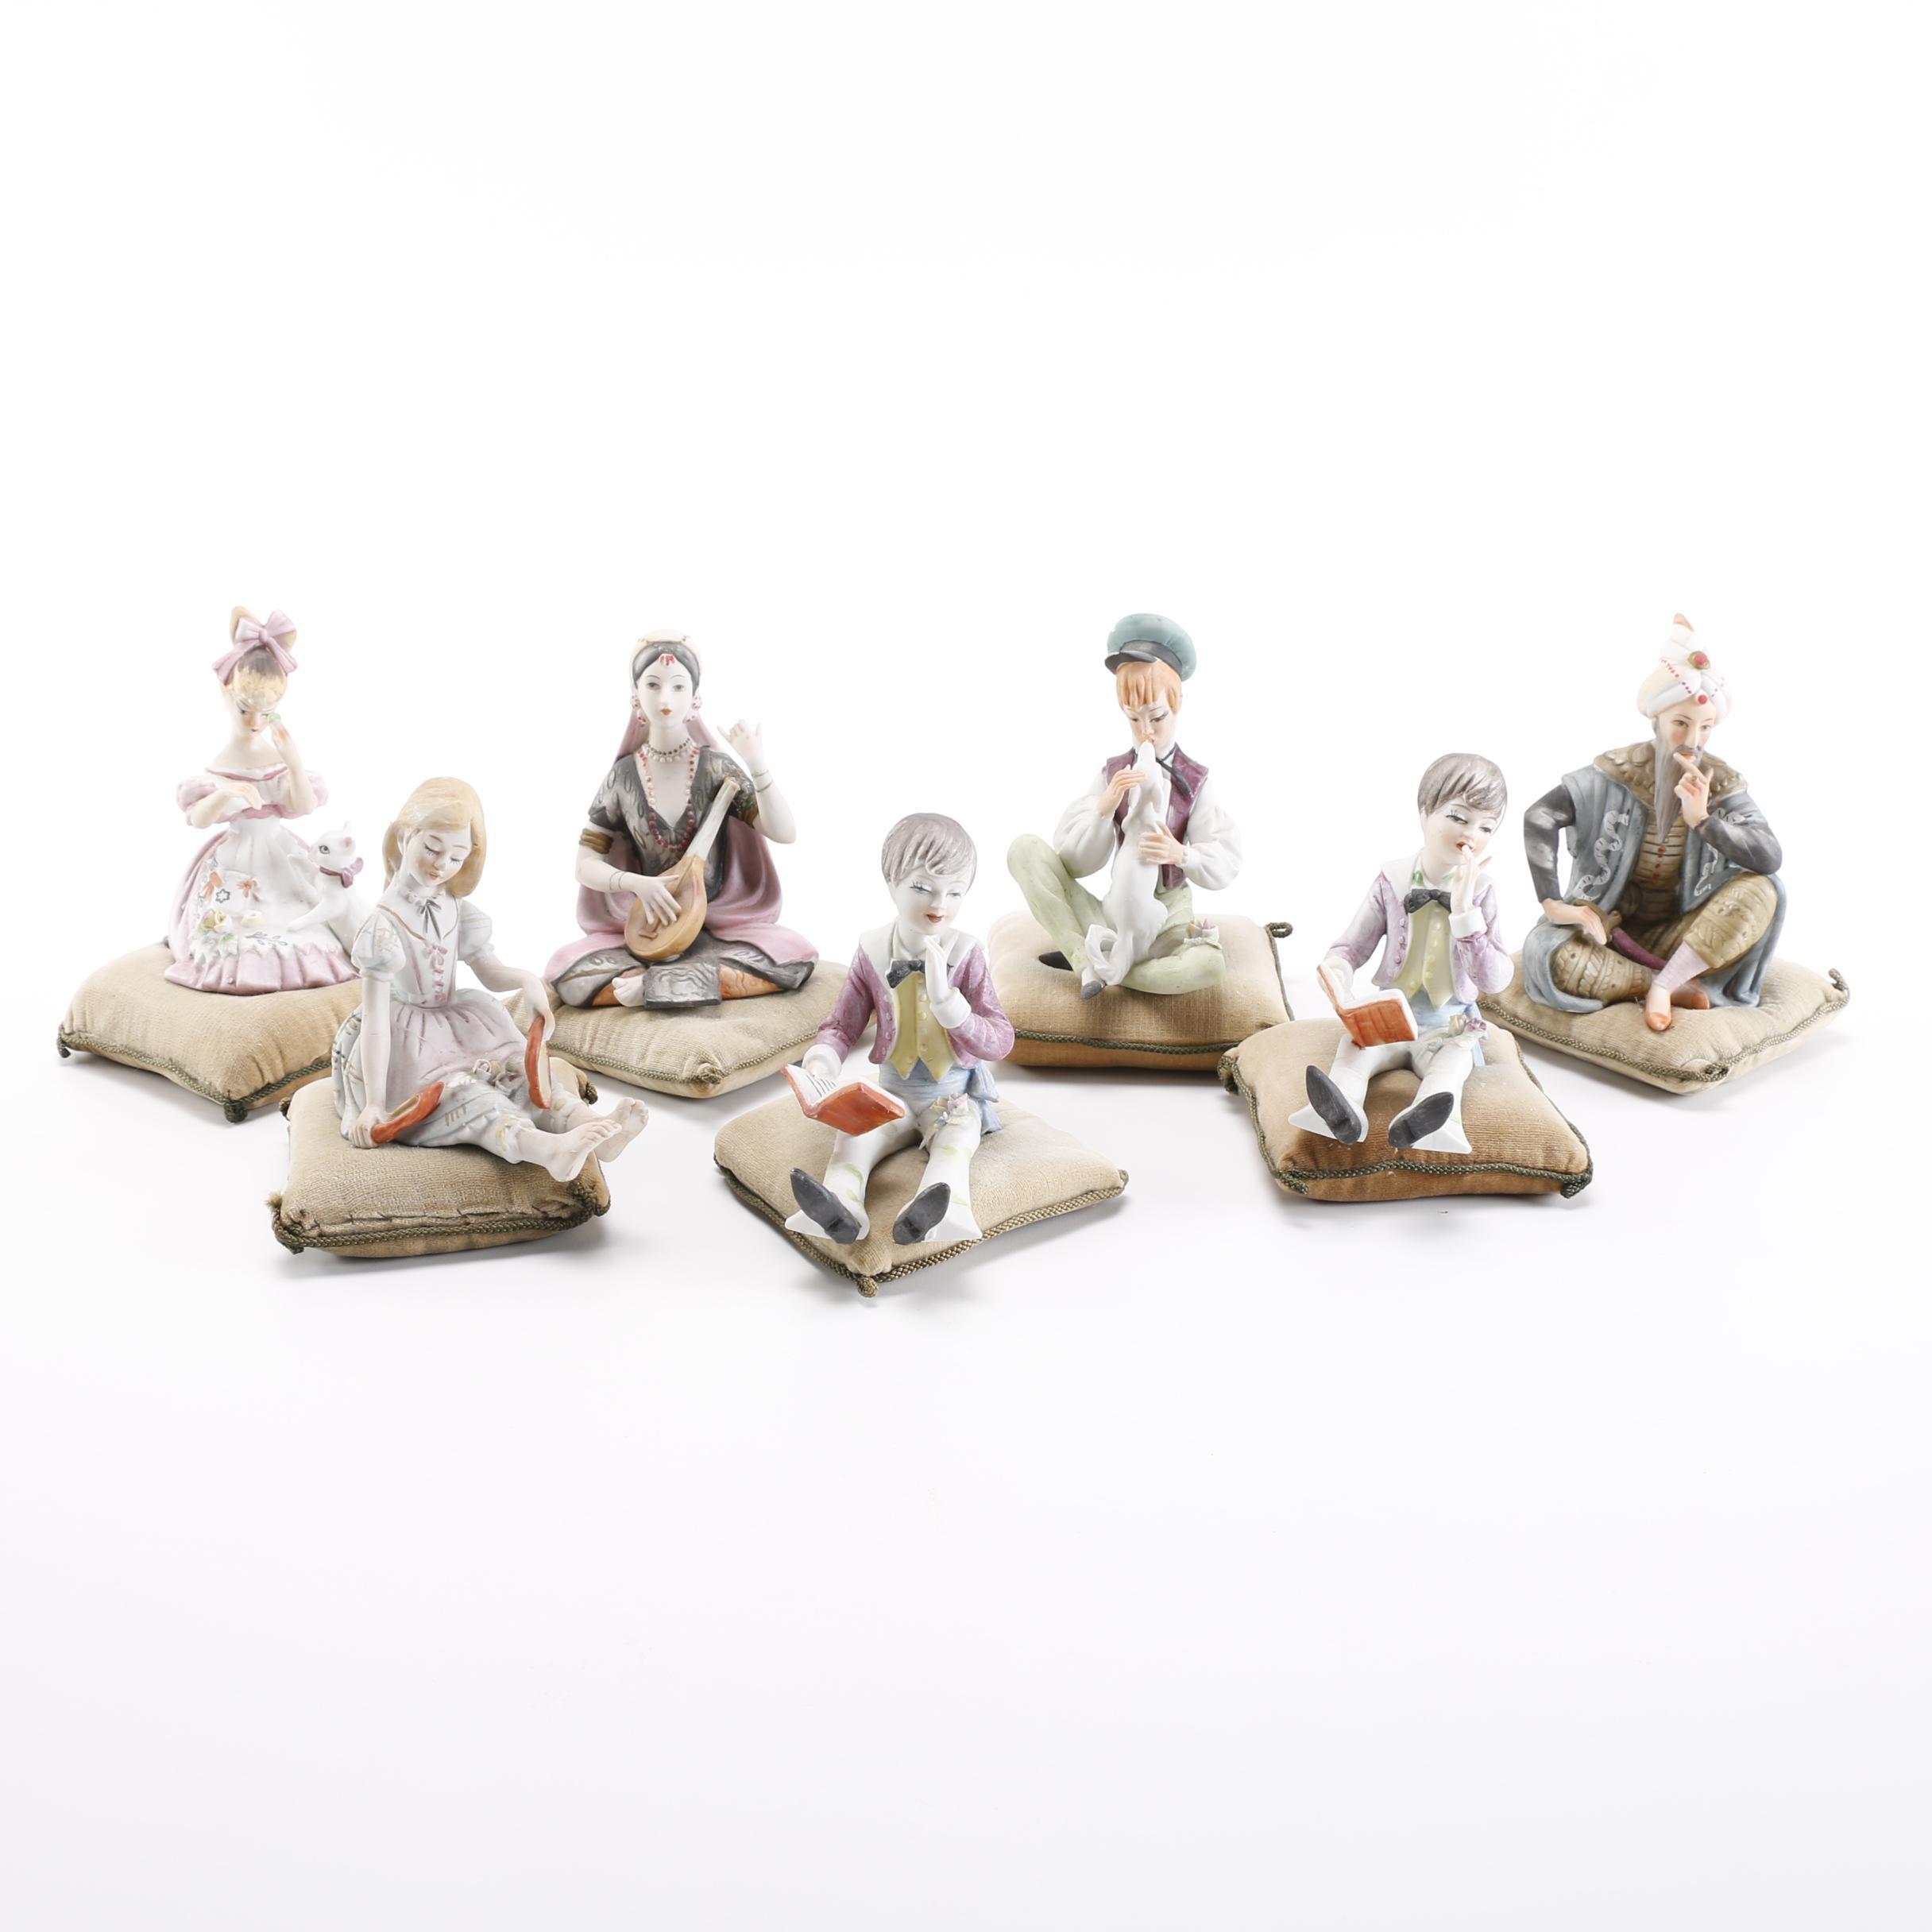 Hand-Painted Ardalt Figurines